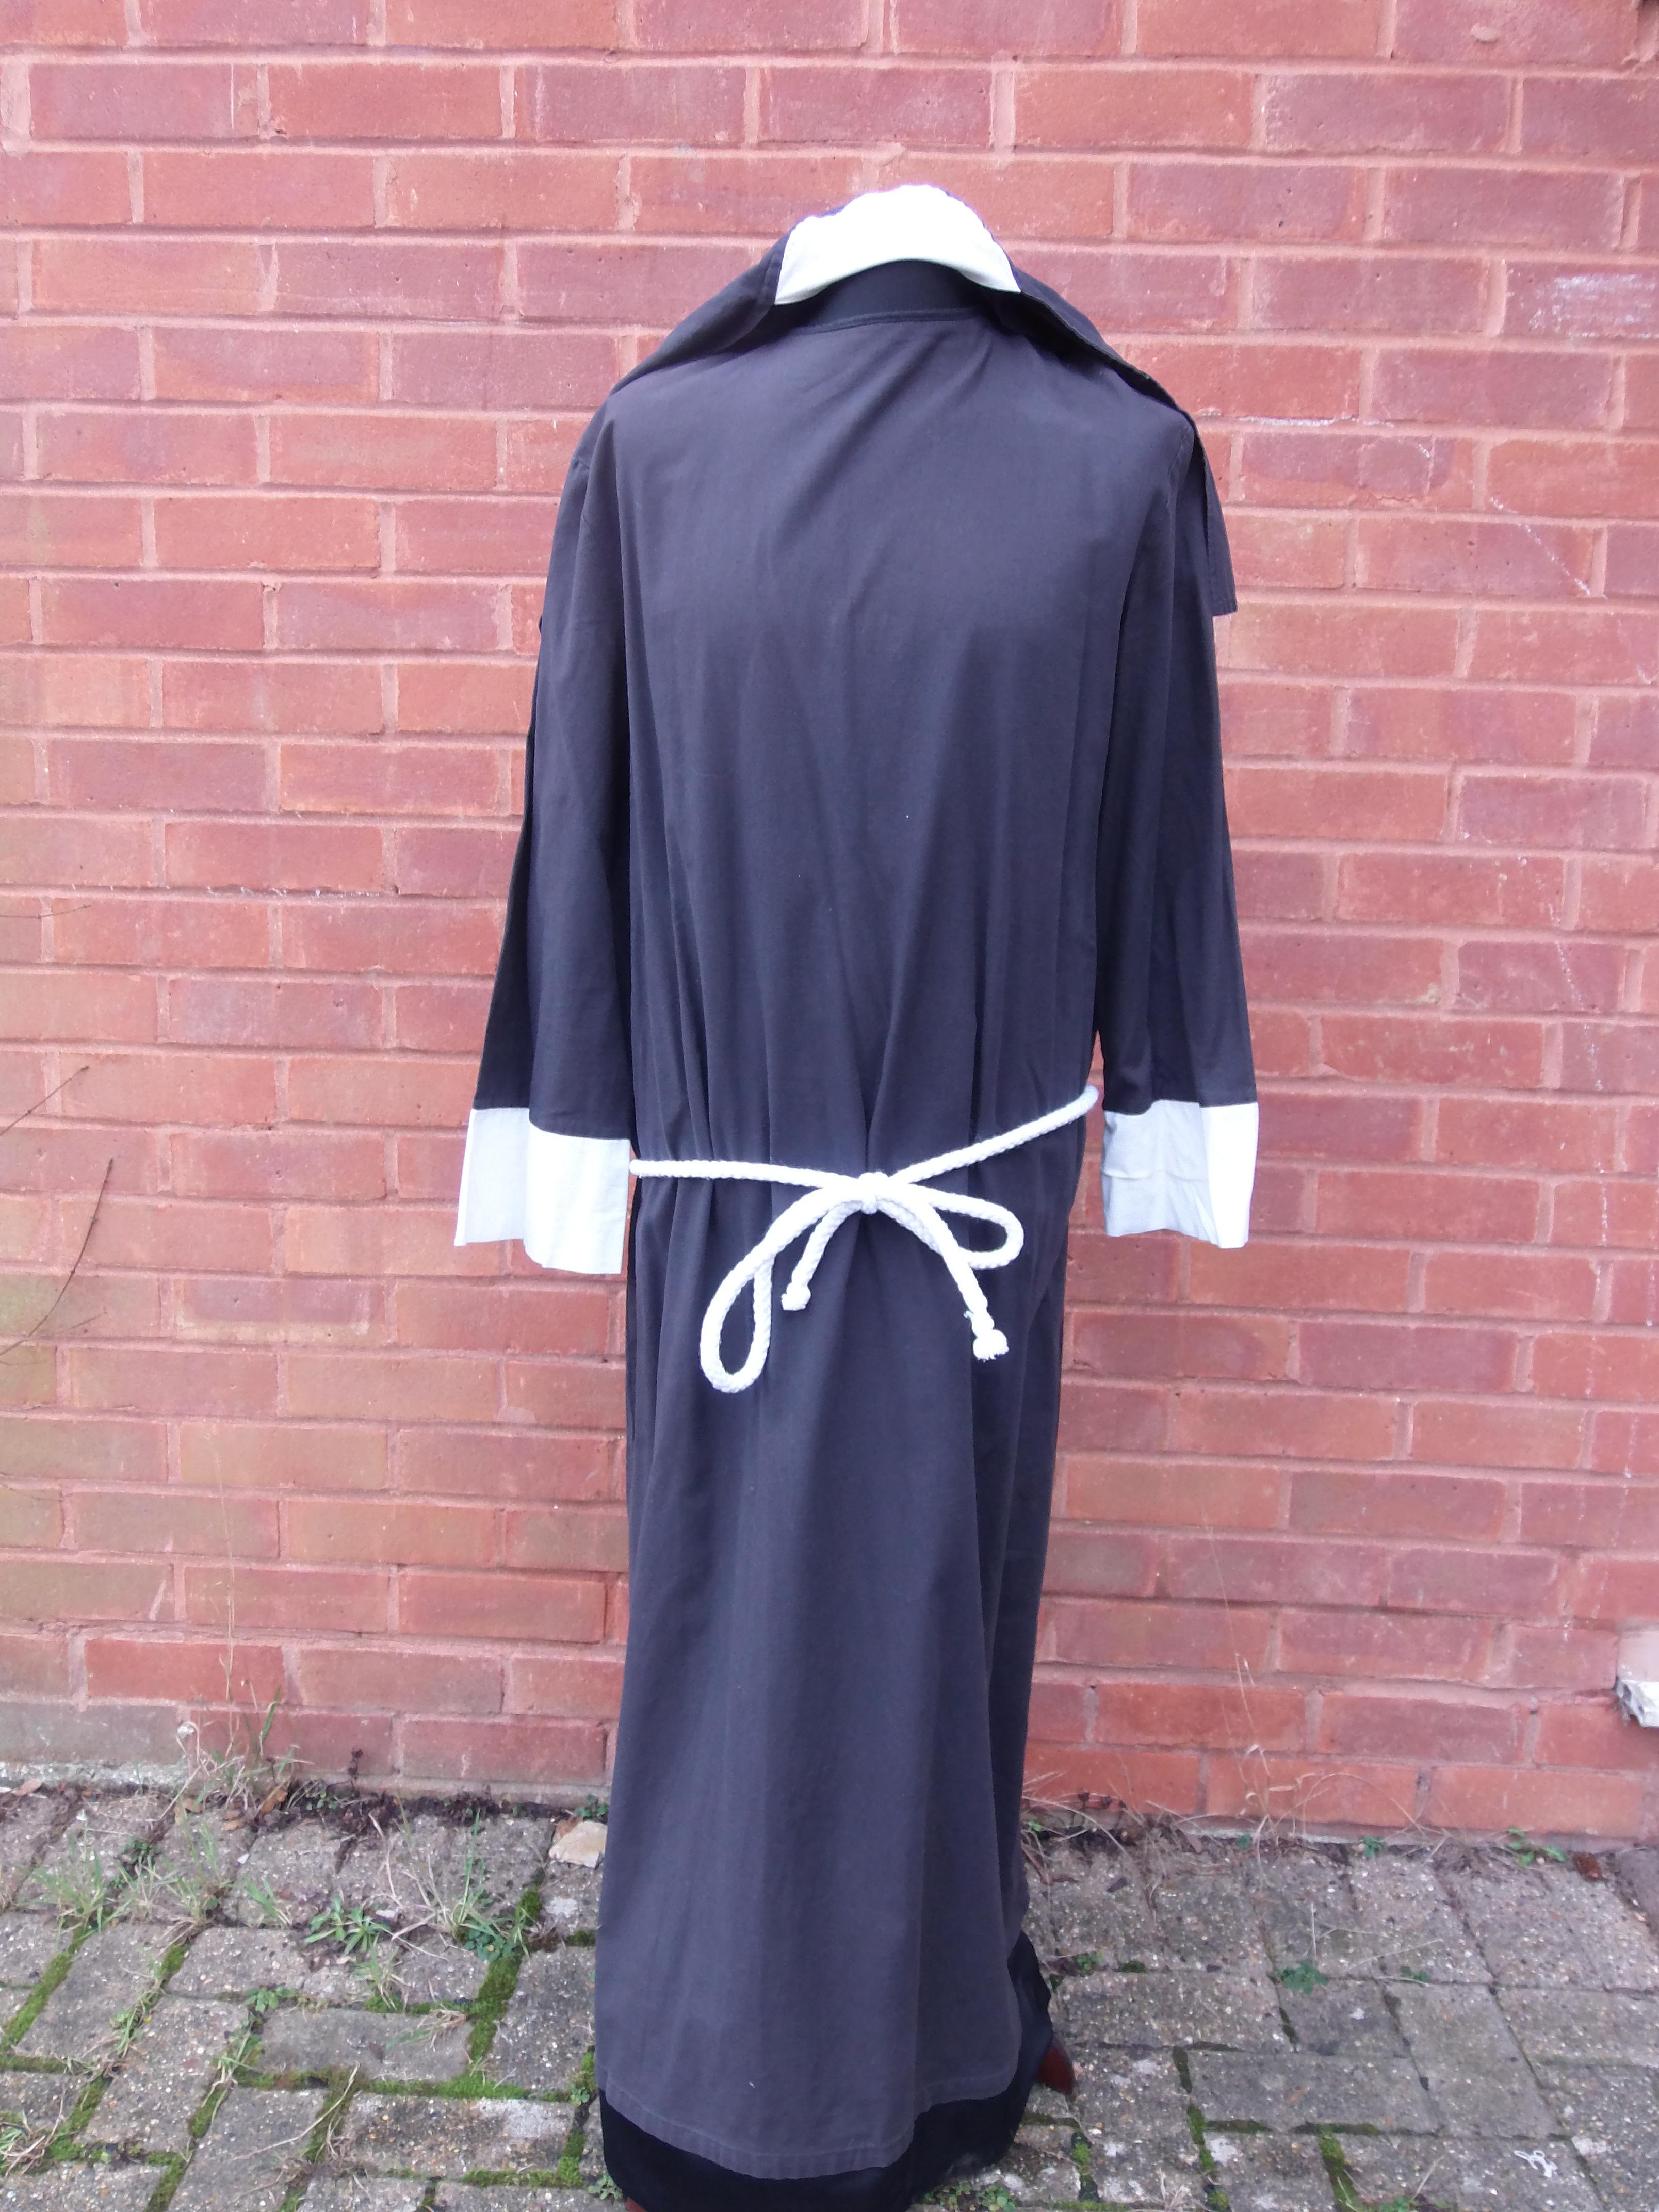 Fairfax - Nun